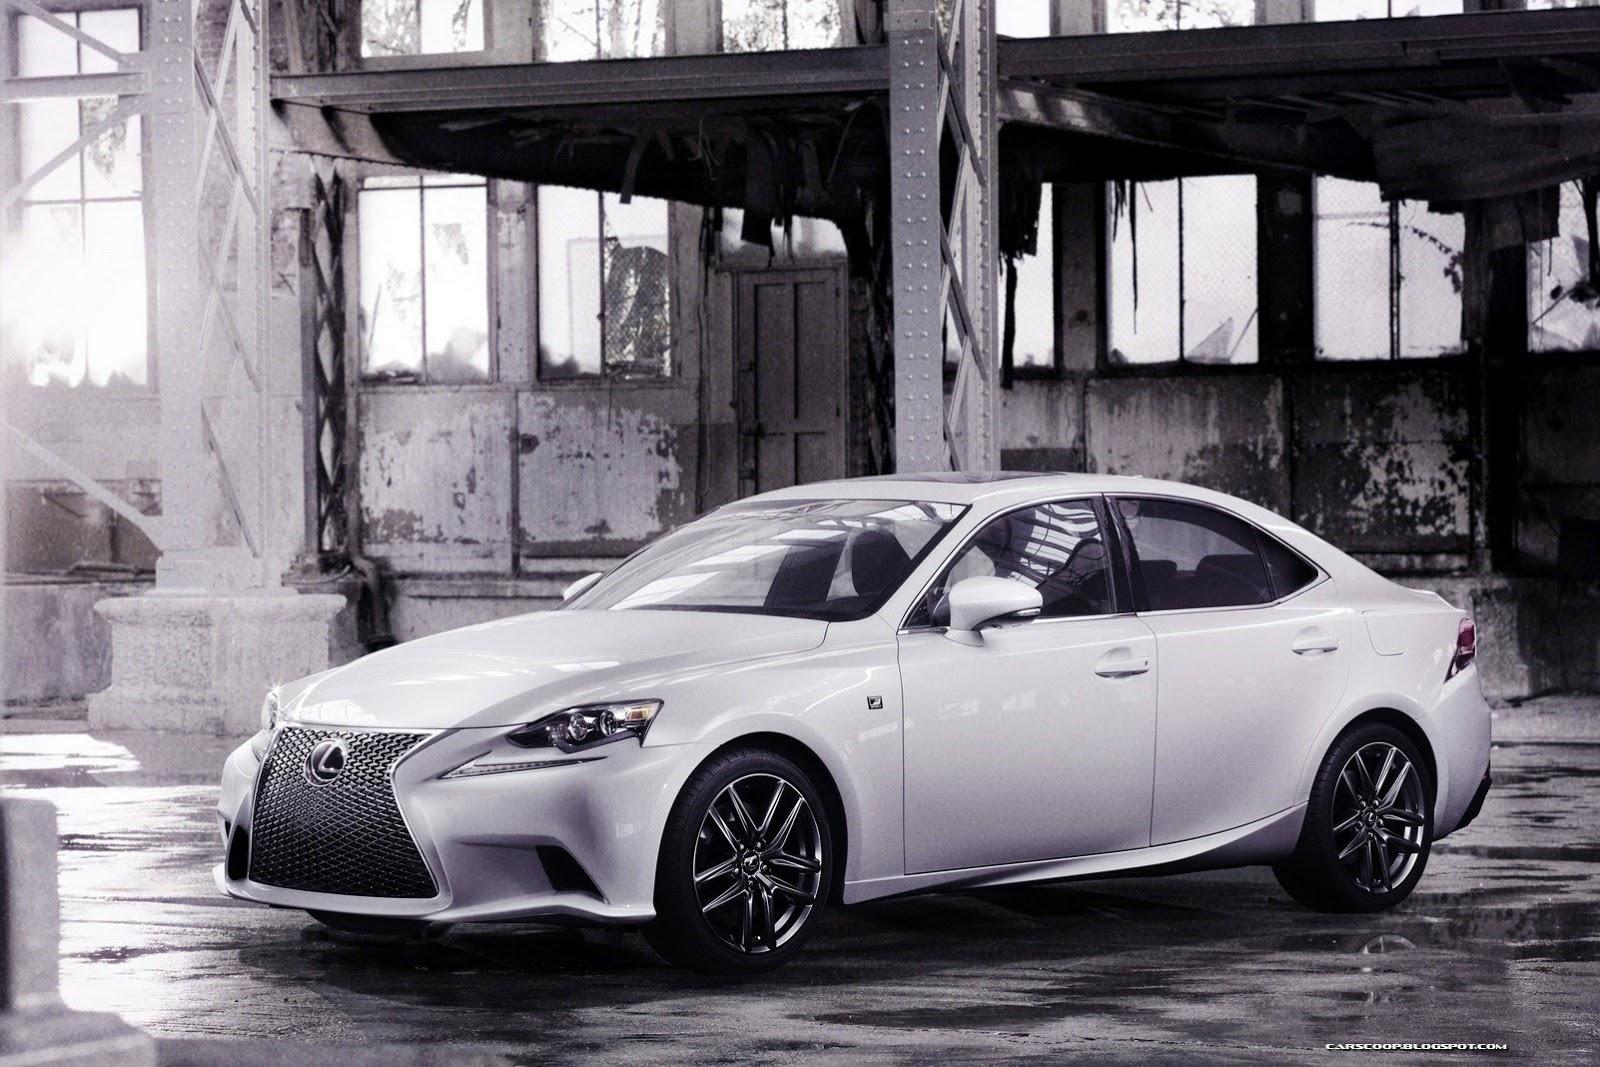 2014 Lexus IS F-Sport – Front 3/4